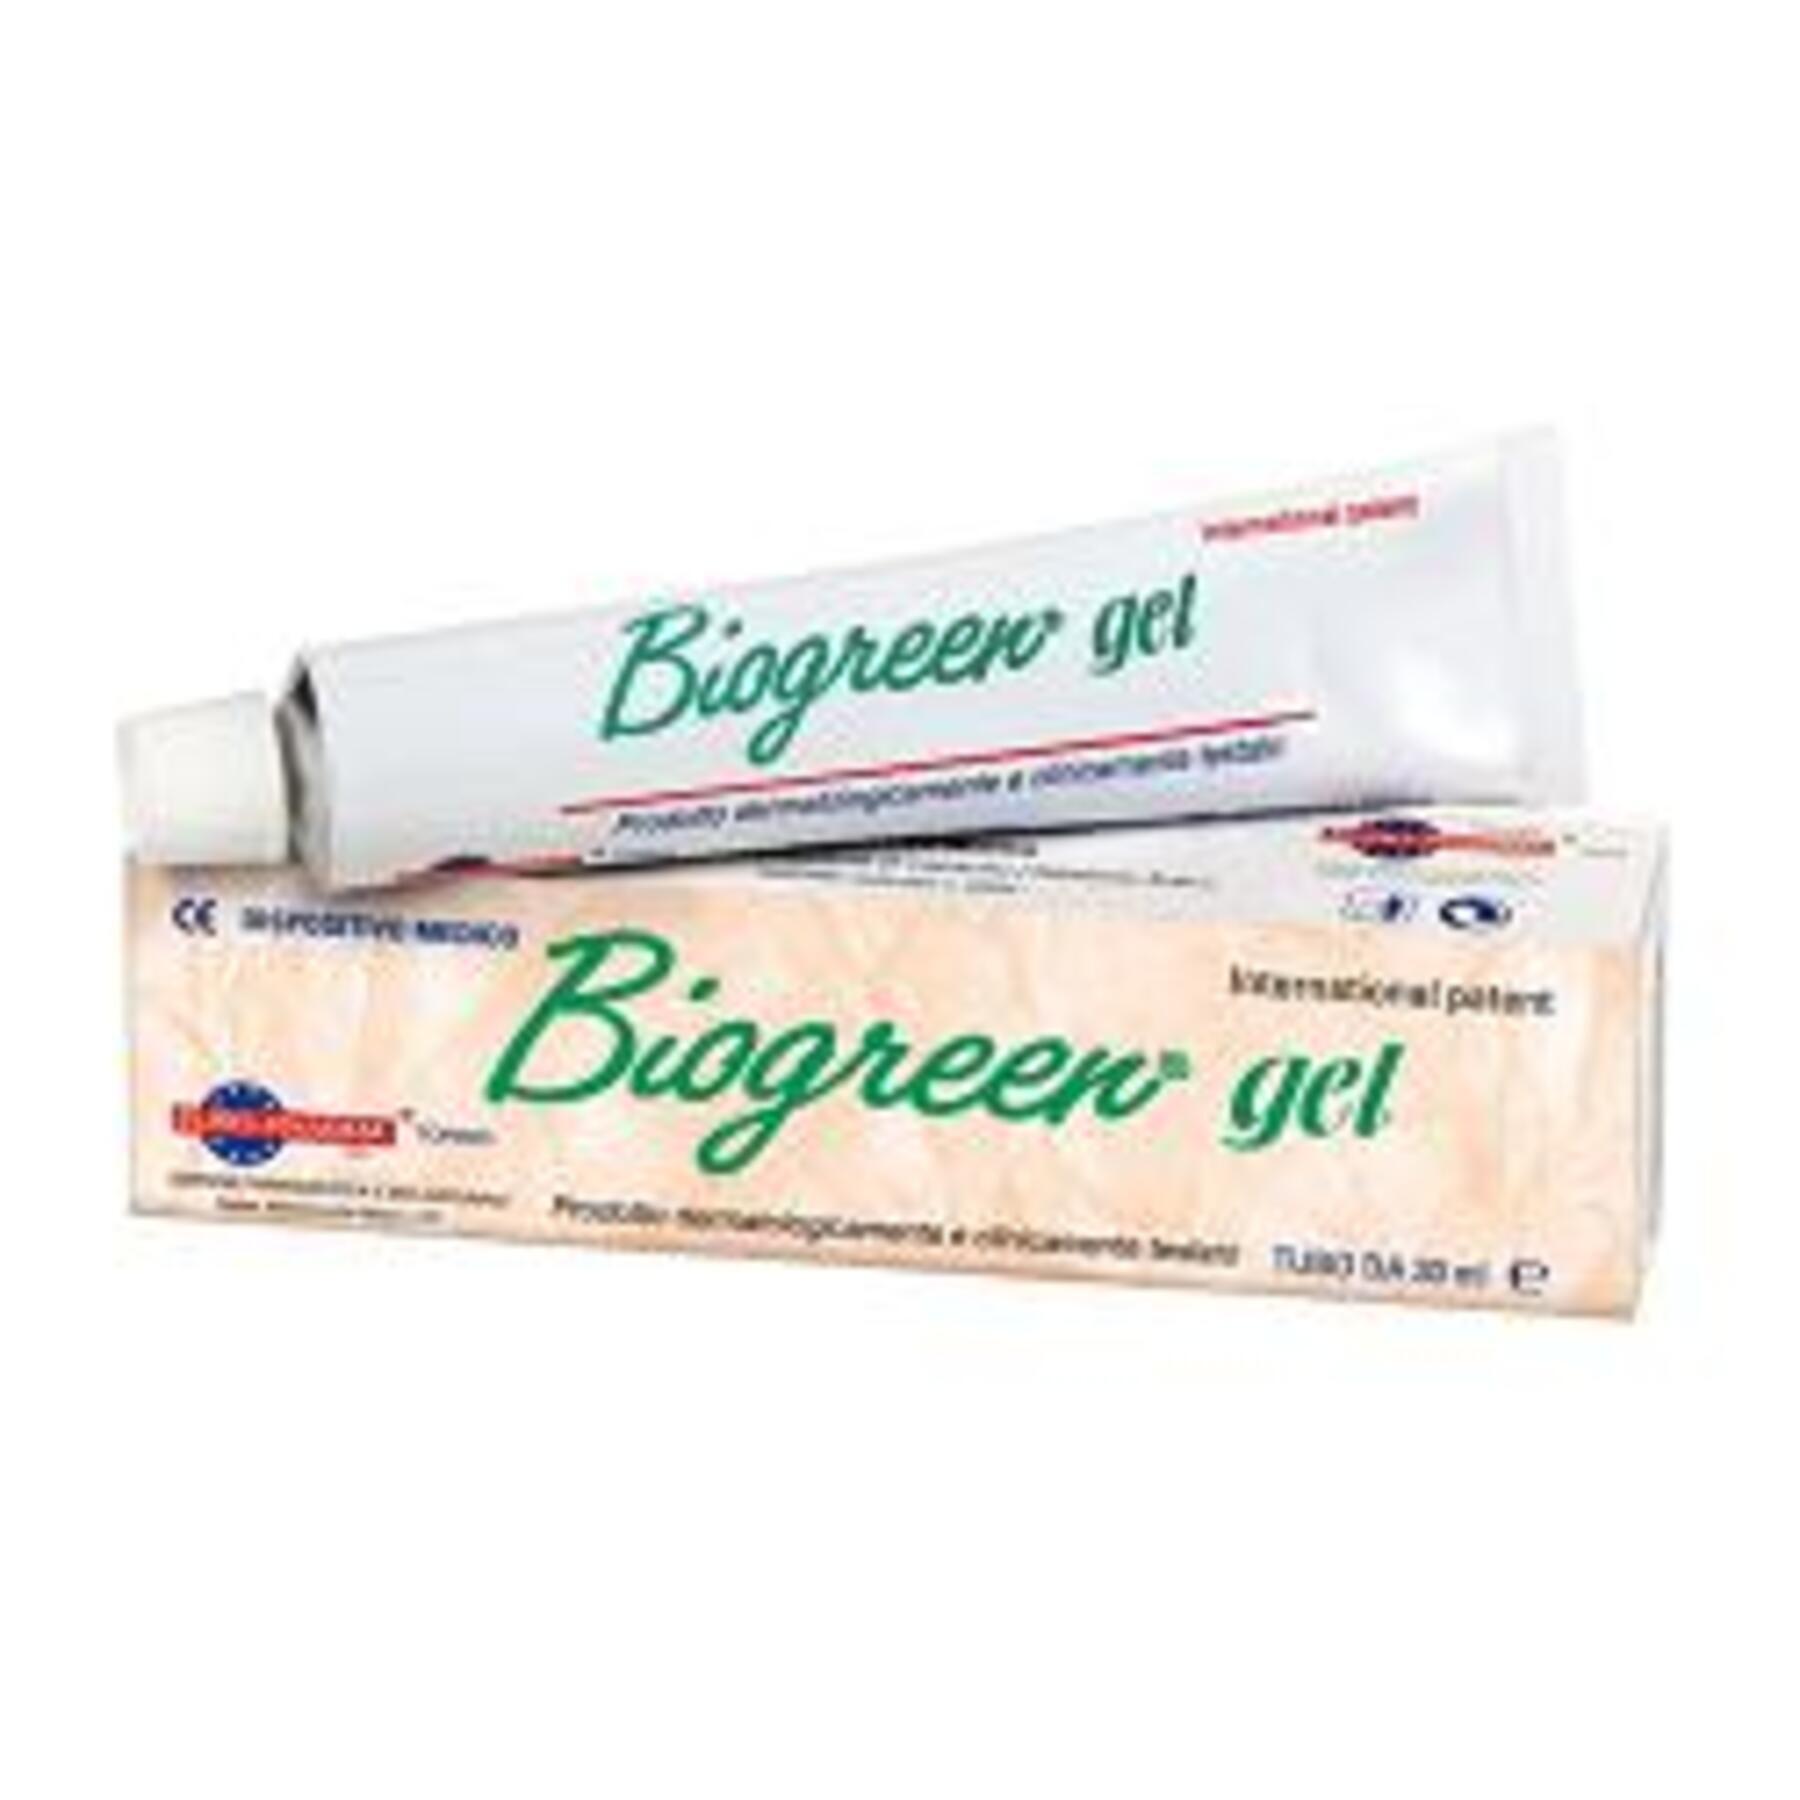 euro-pharma srl biogreen gel 30 g